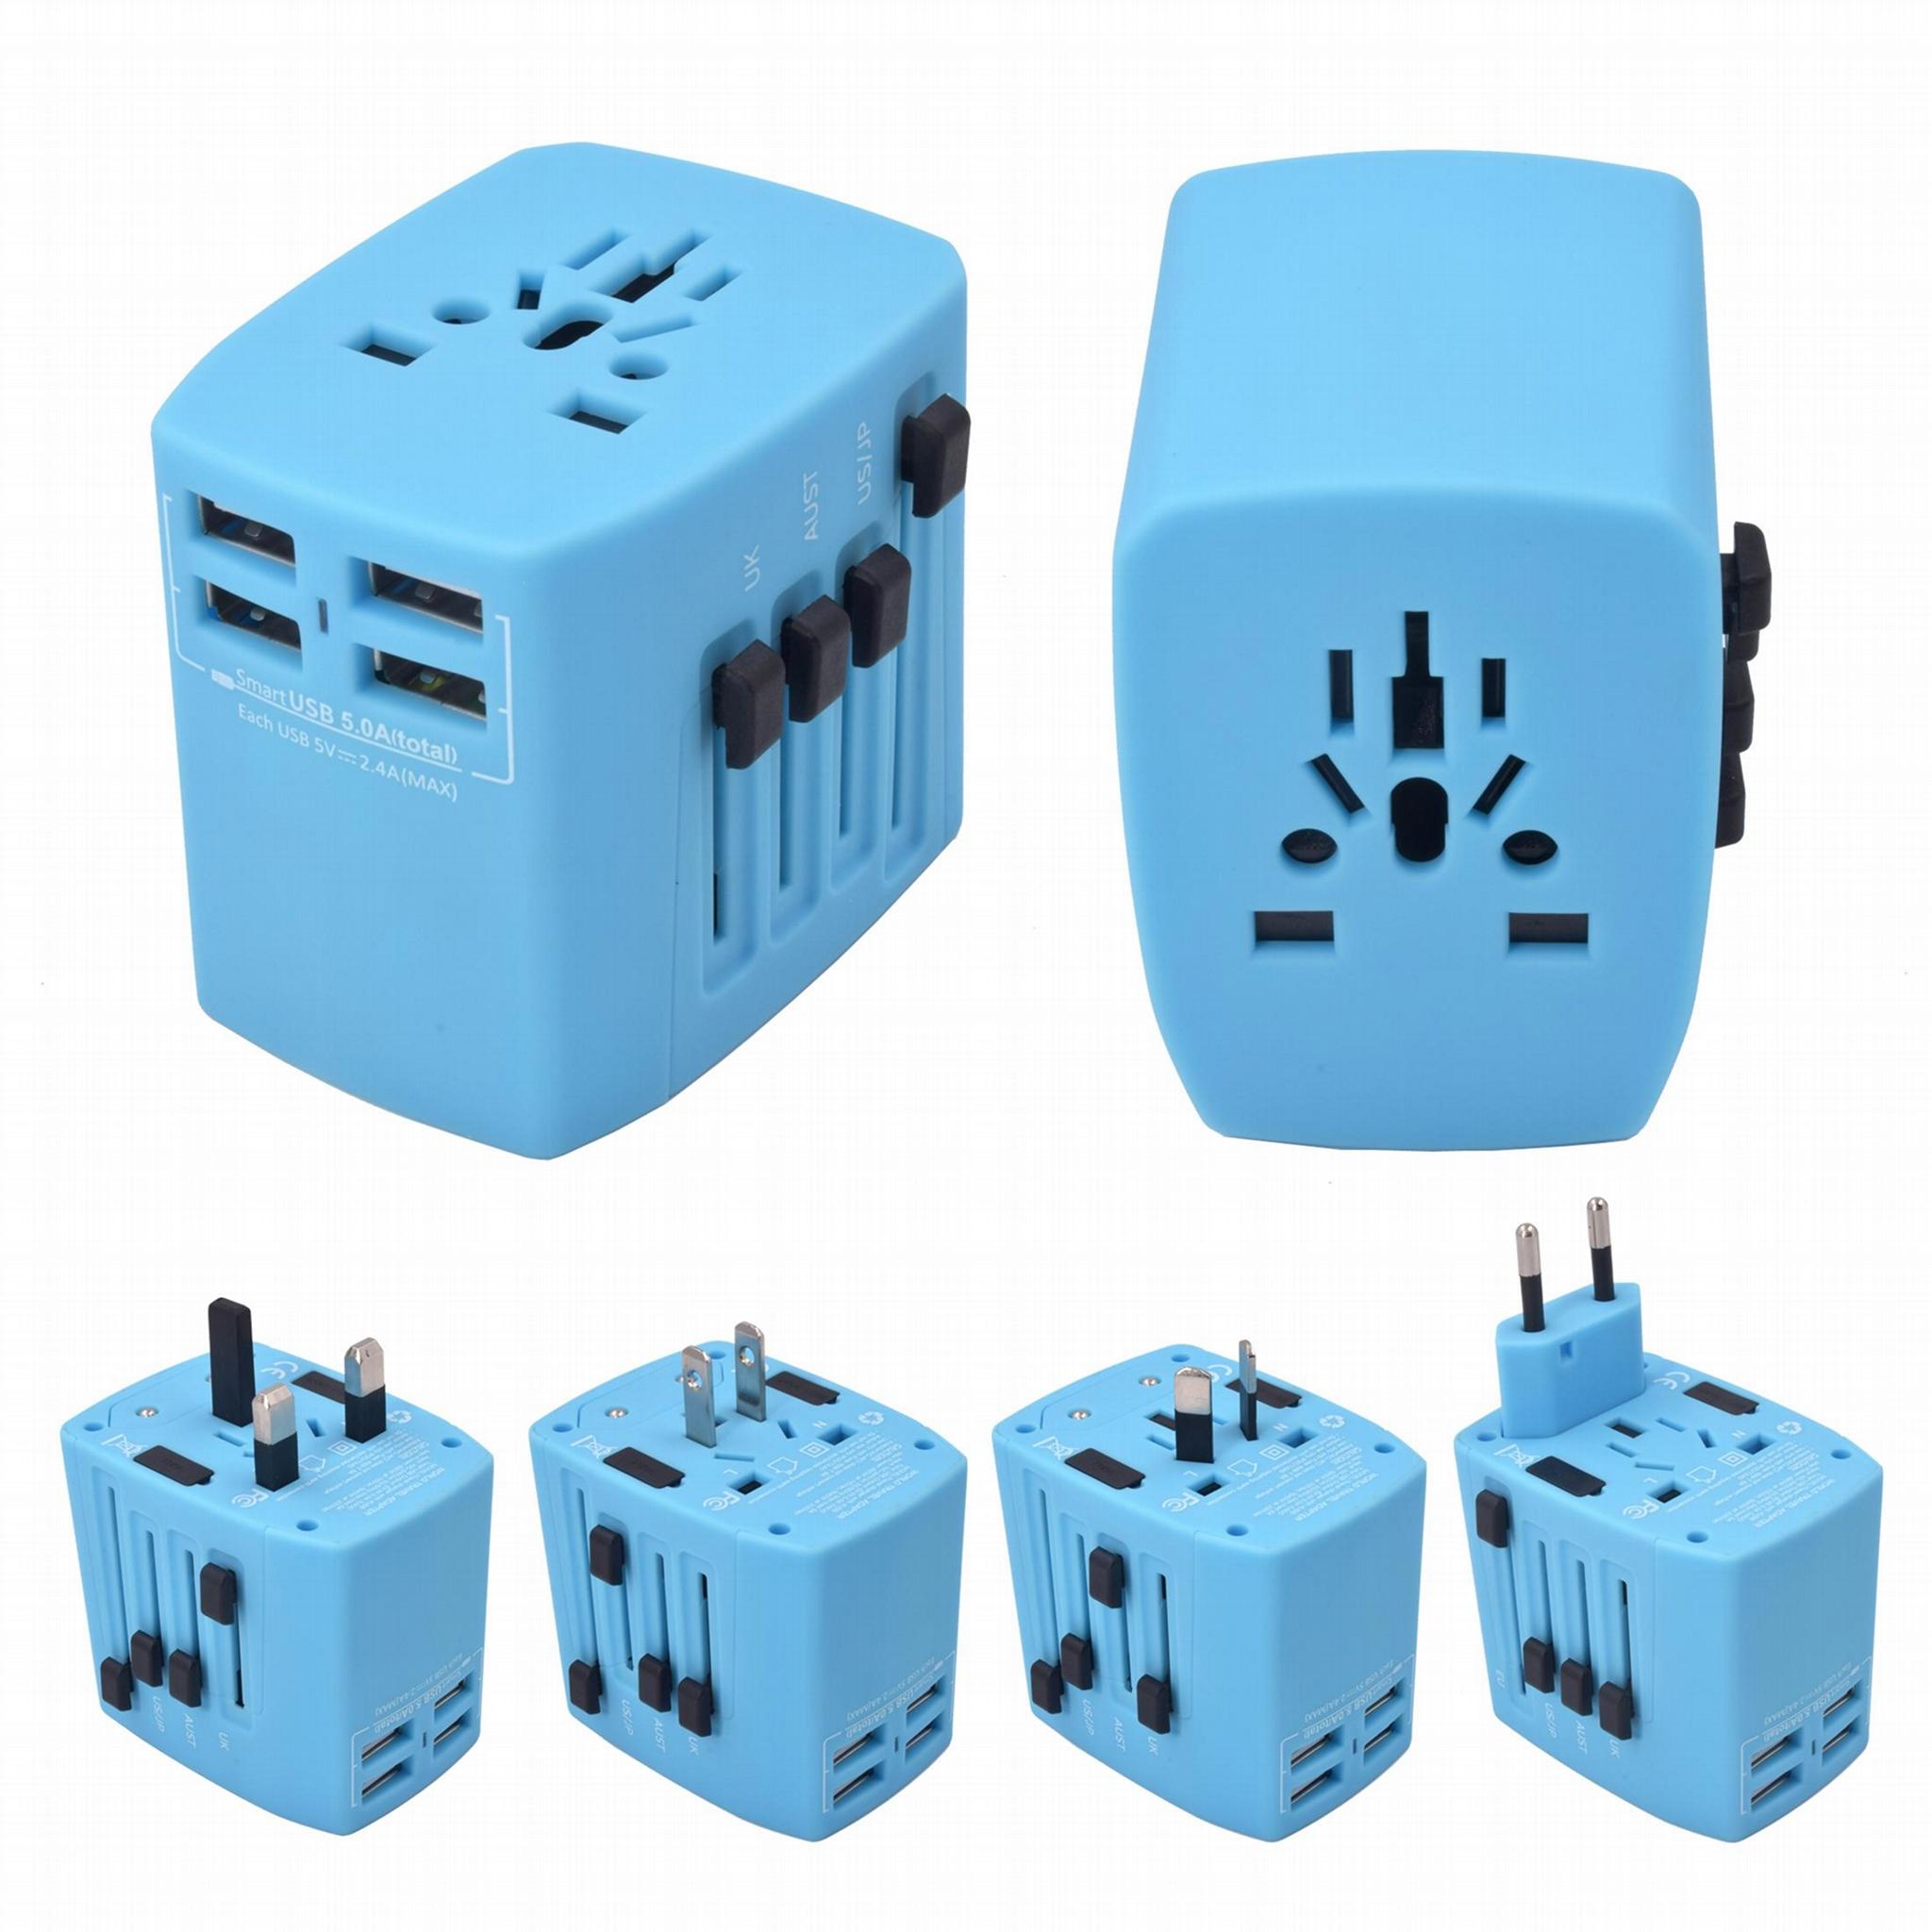 4 USB 全球旅行轉換插座 DY-025 1